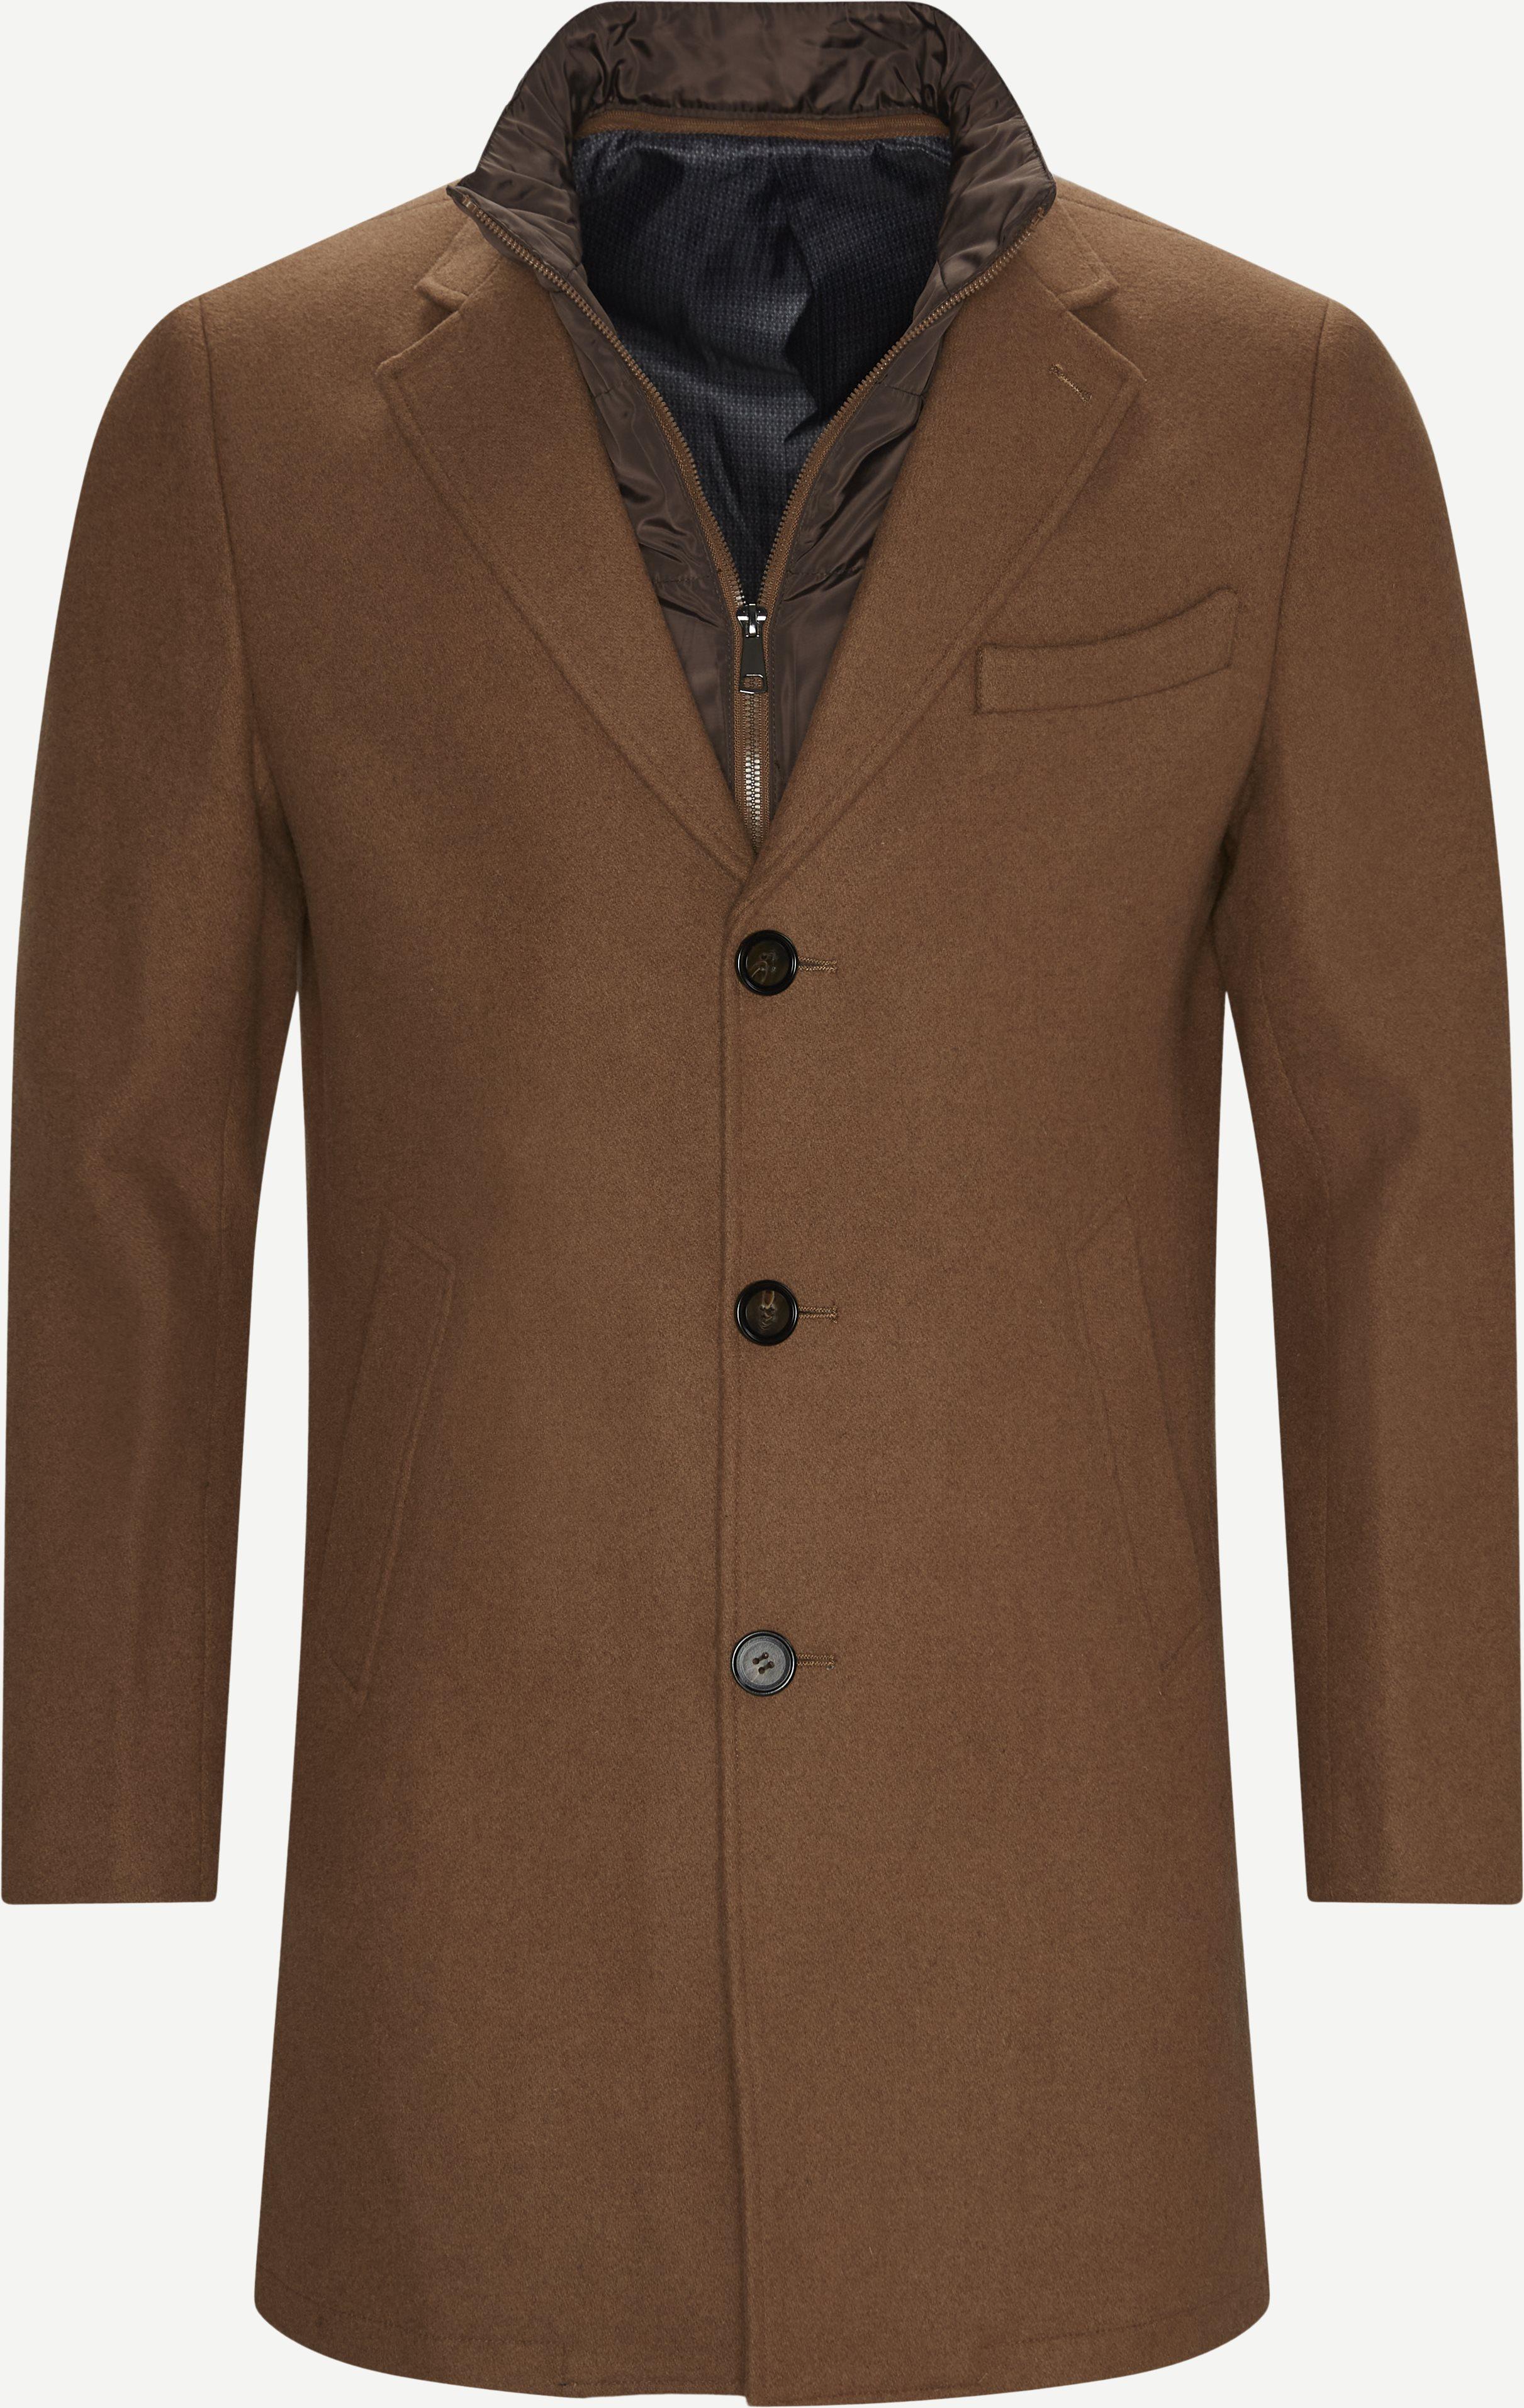 Cadoc Coat - Jackor - Regular fit - Brun